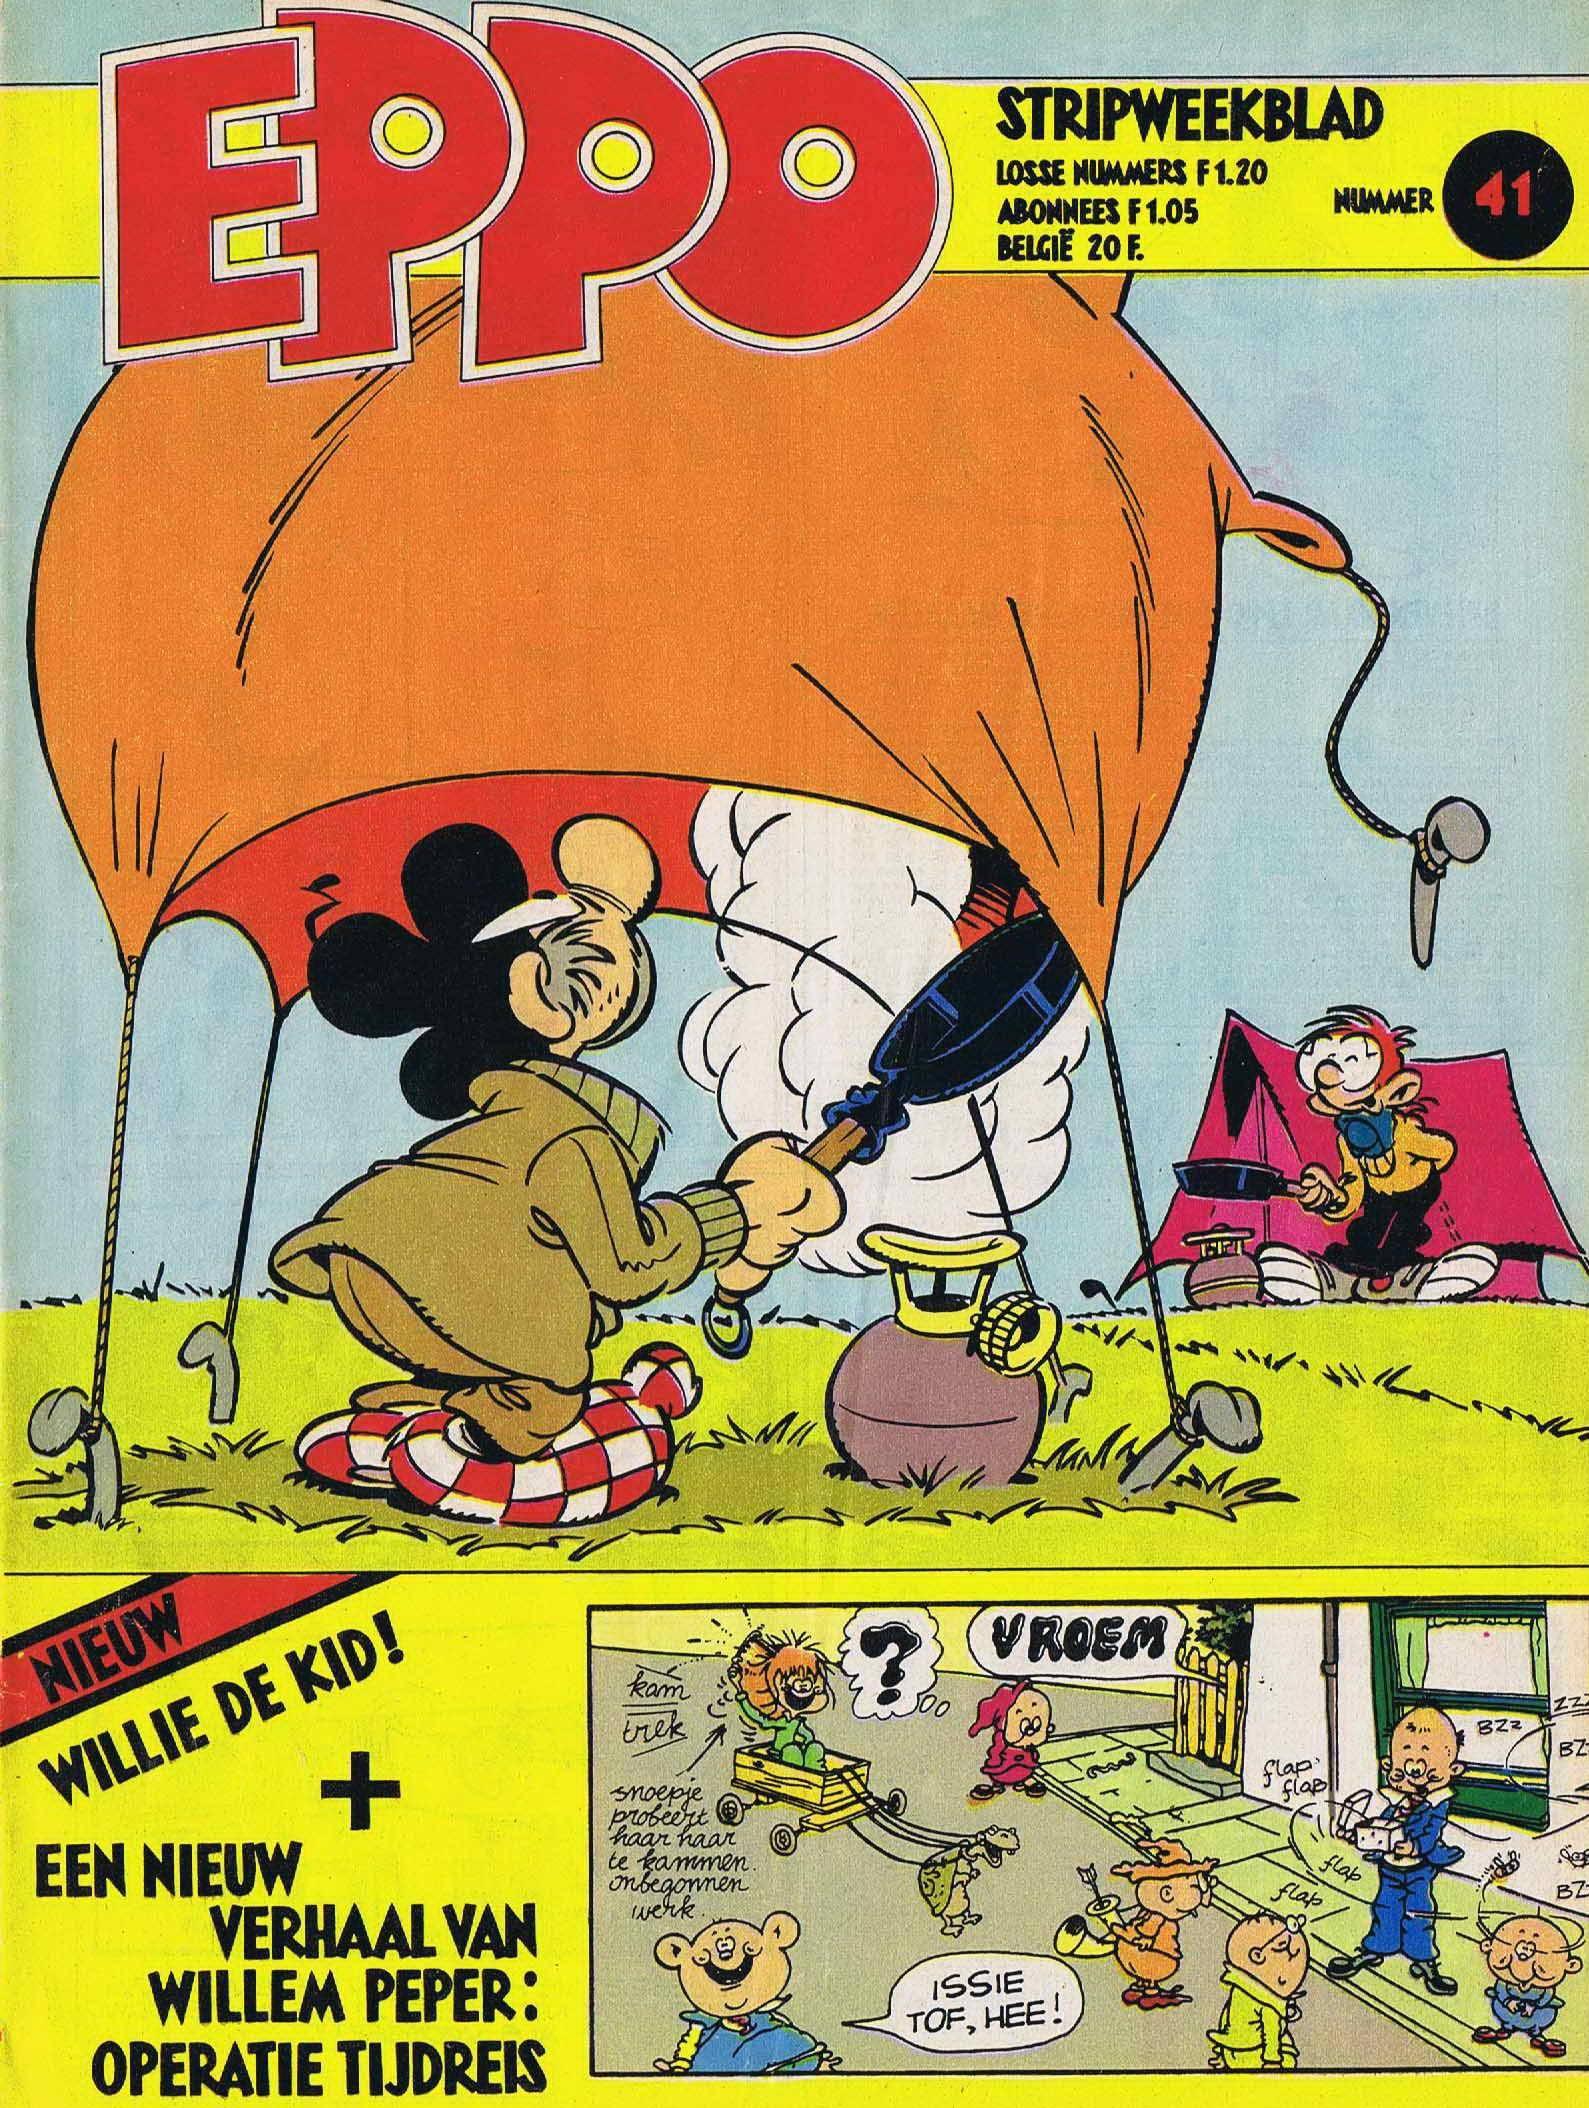 Payback time  Eppo 1979 [2263] Eppo 1979-41 cbr